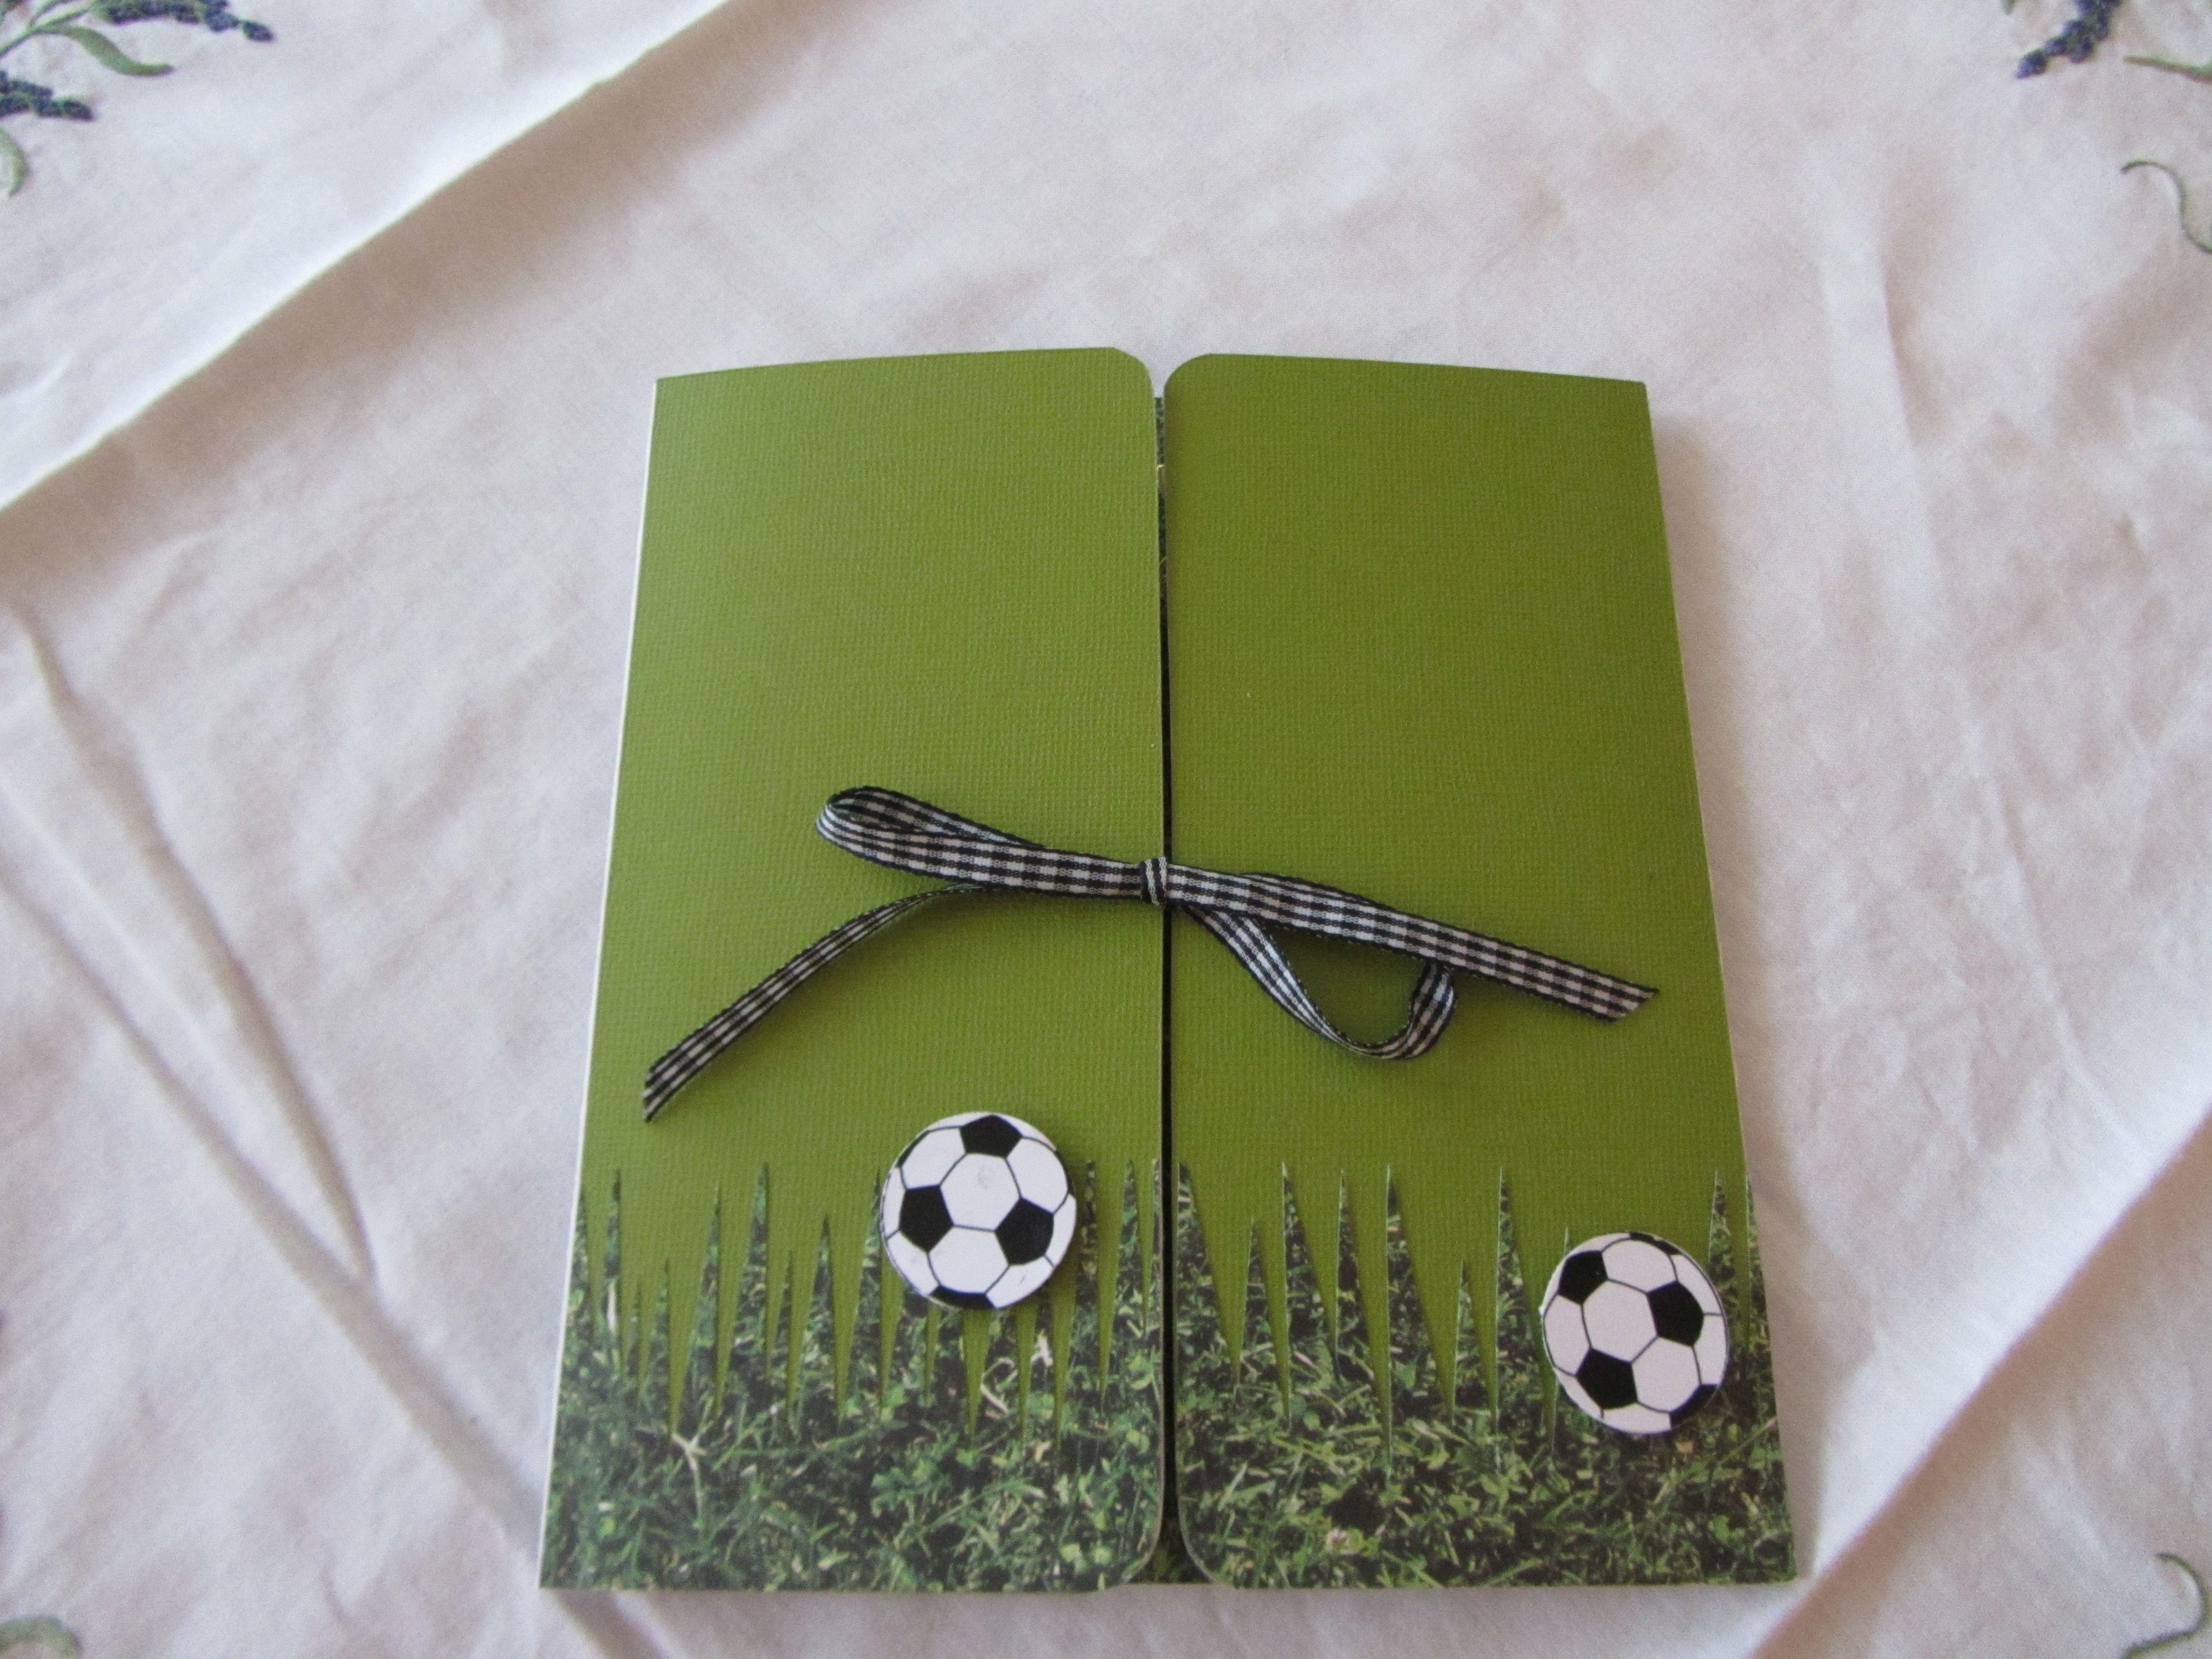 Une amie m a demandé une carte d anniversaire pour son papa fan de foot n y connaissant rien moi mªme j avoue avoir séché longtemps devant ma page